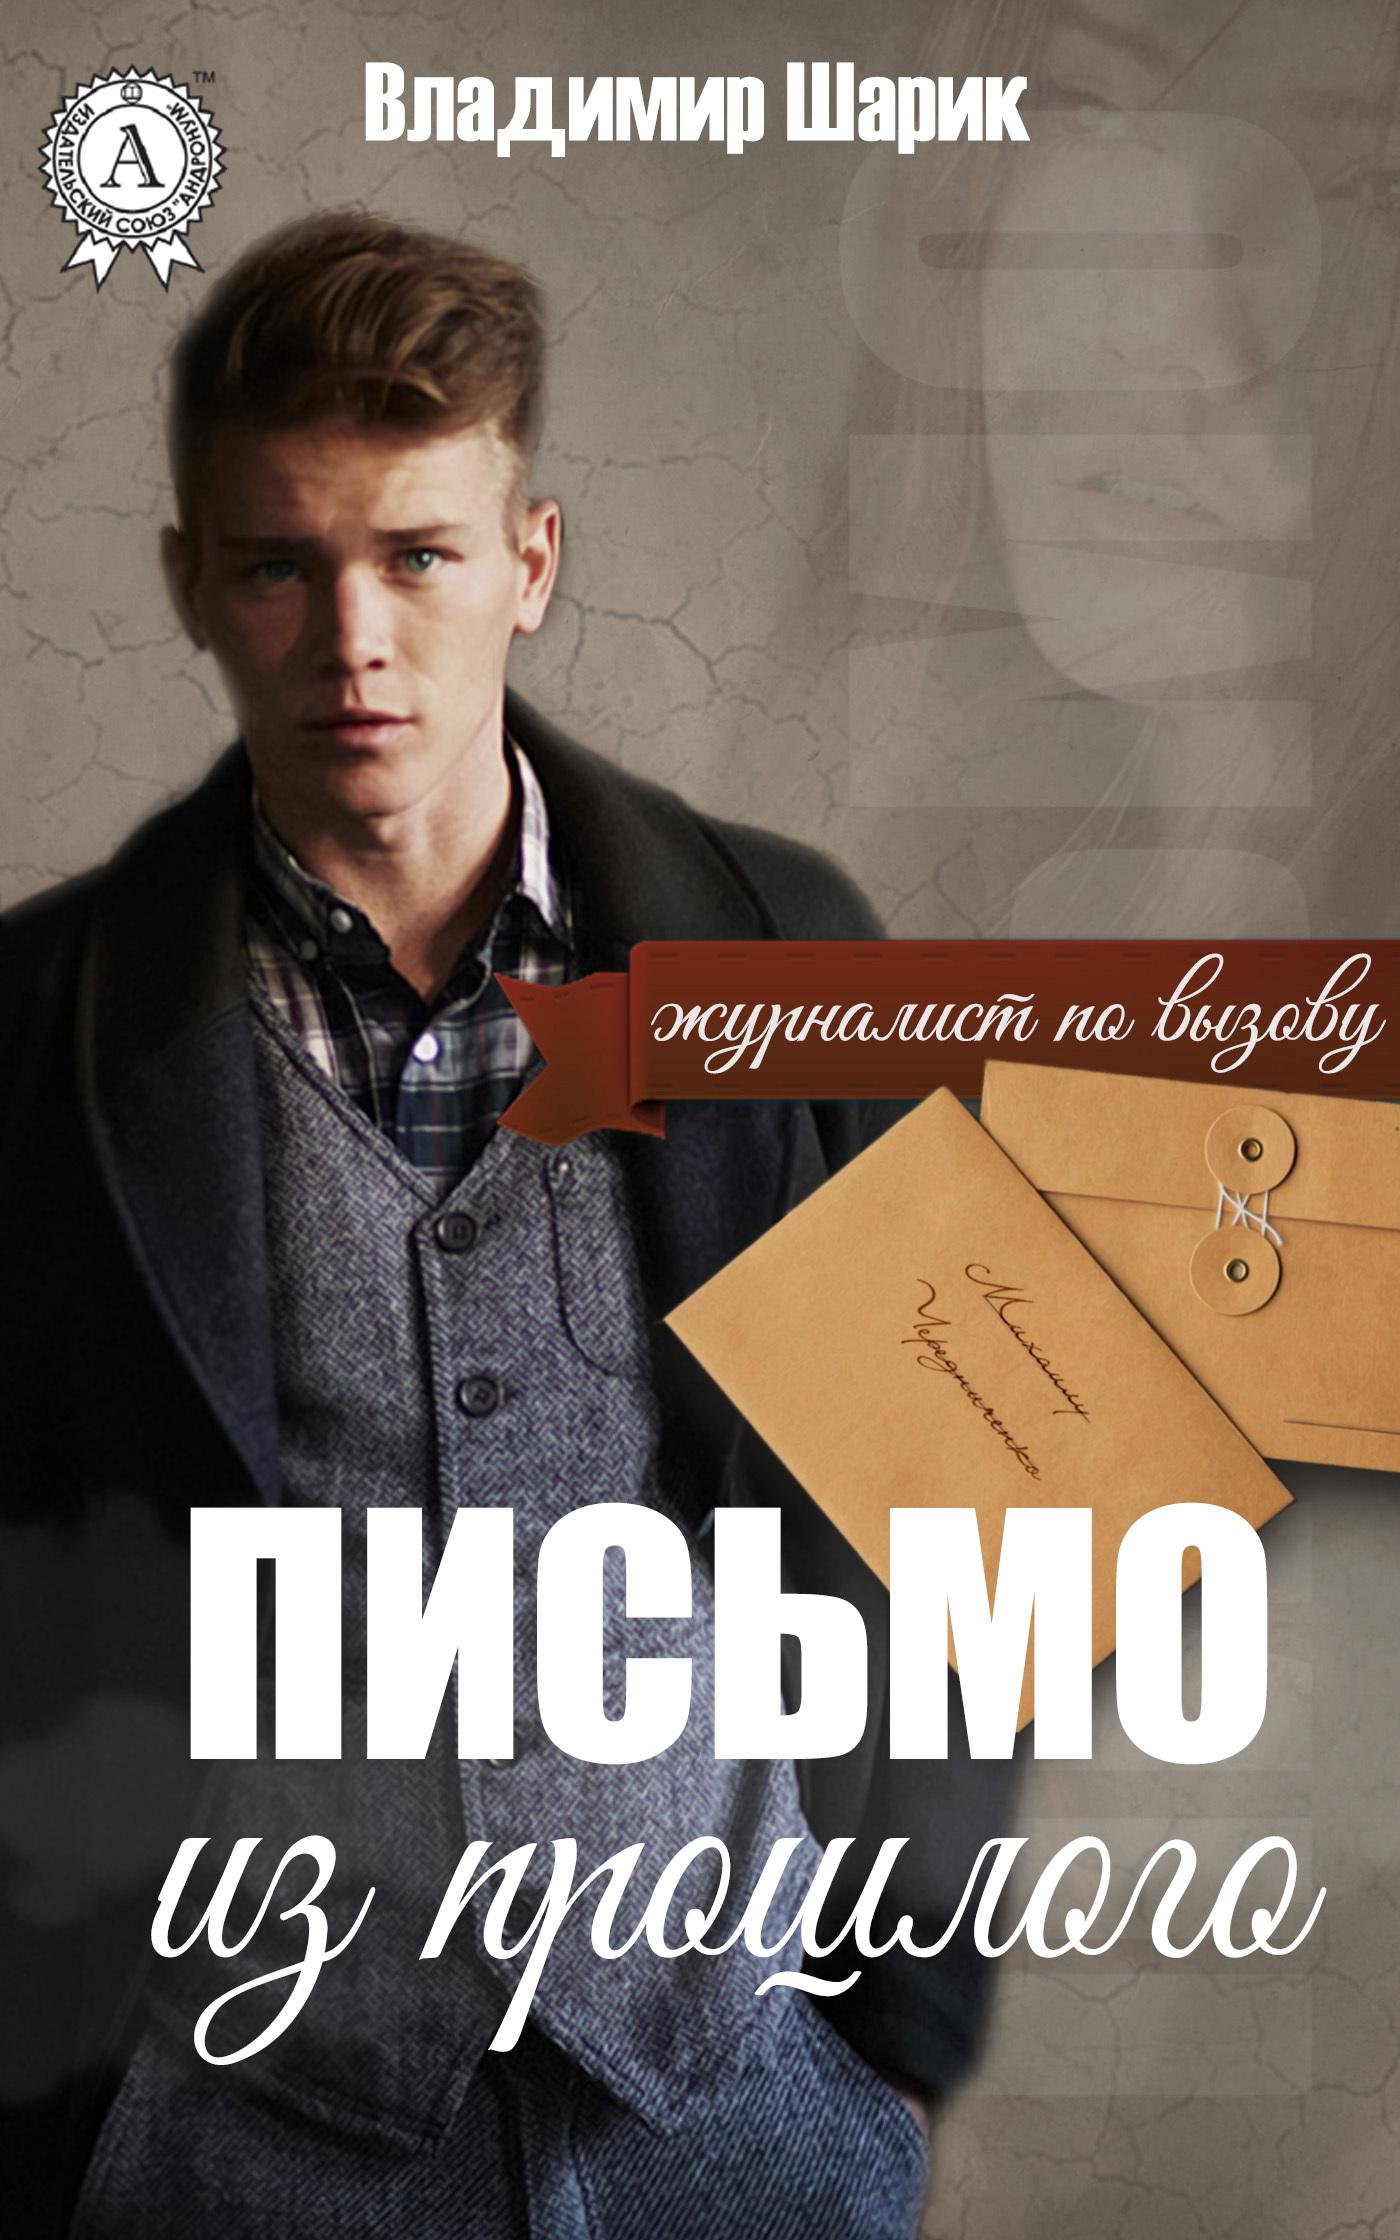 Евгения Михайлова Испить чашу до дна